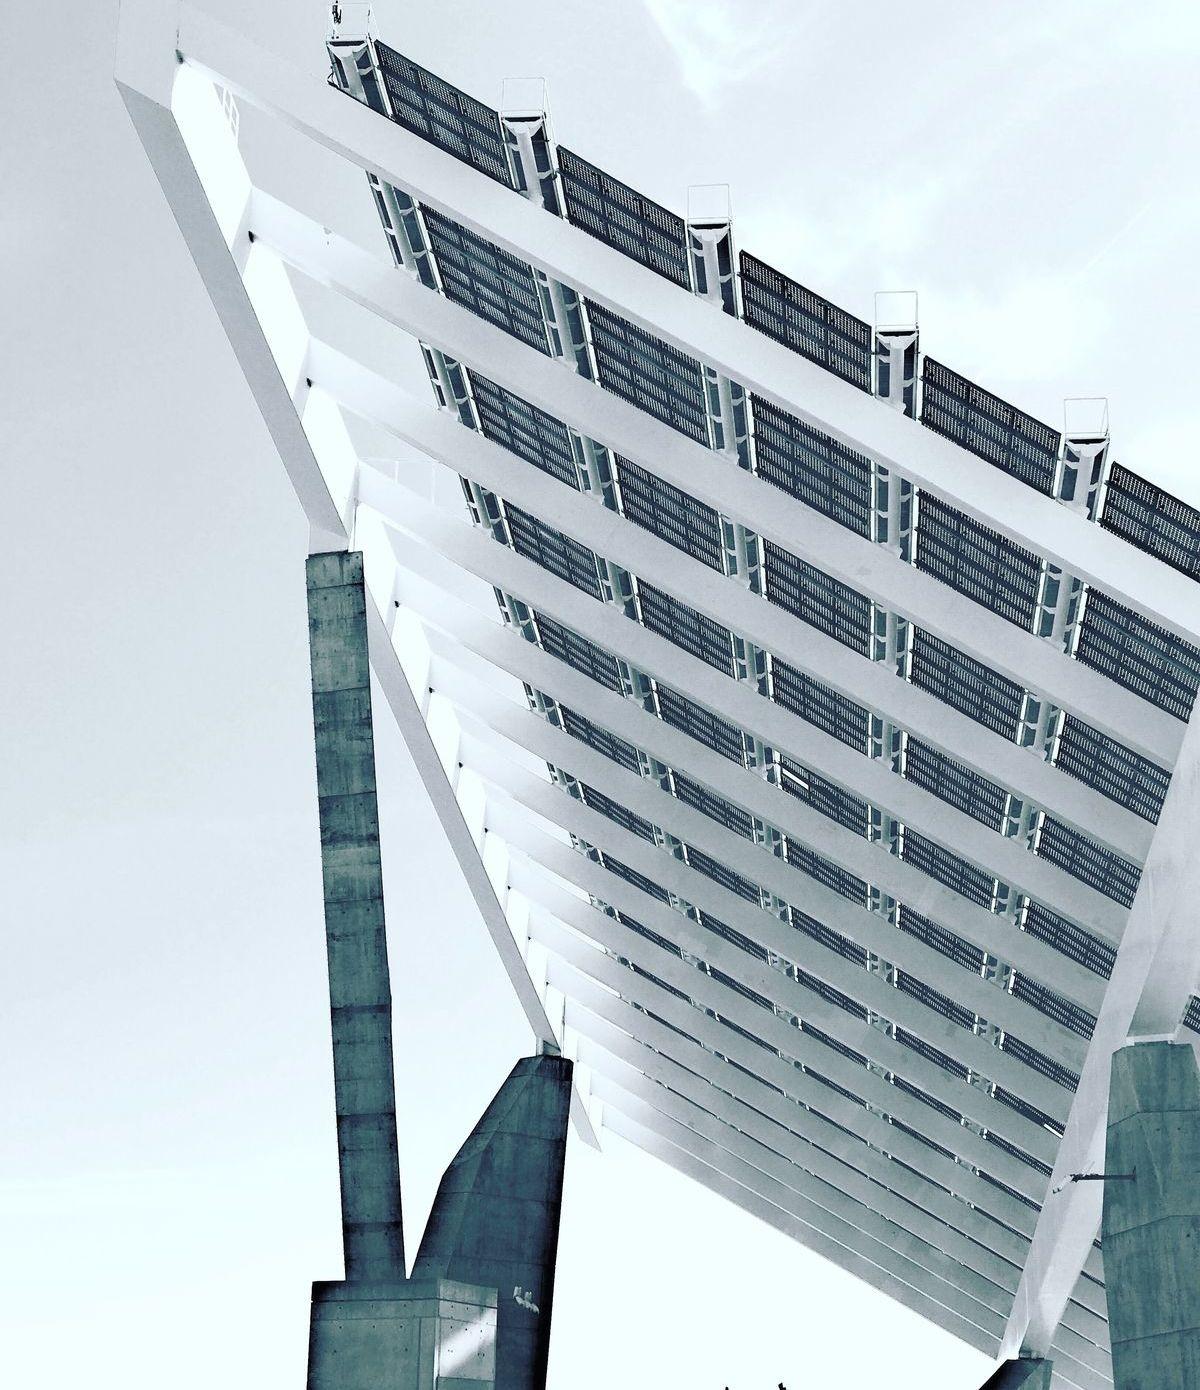 Blick auf die Photovoltaik-Anlage von Shots